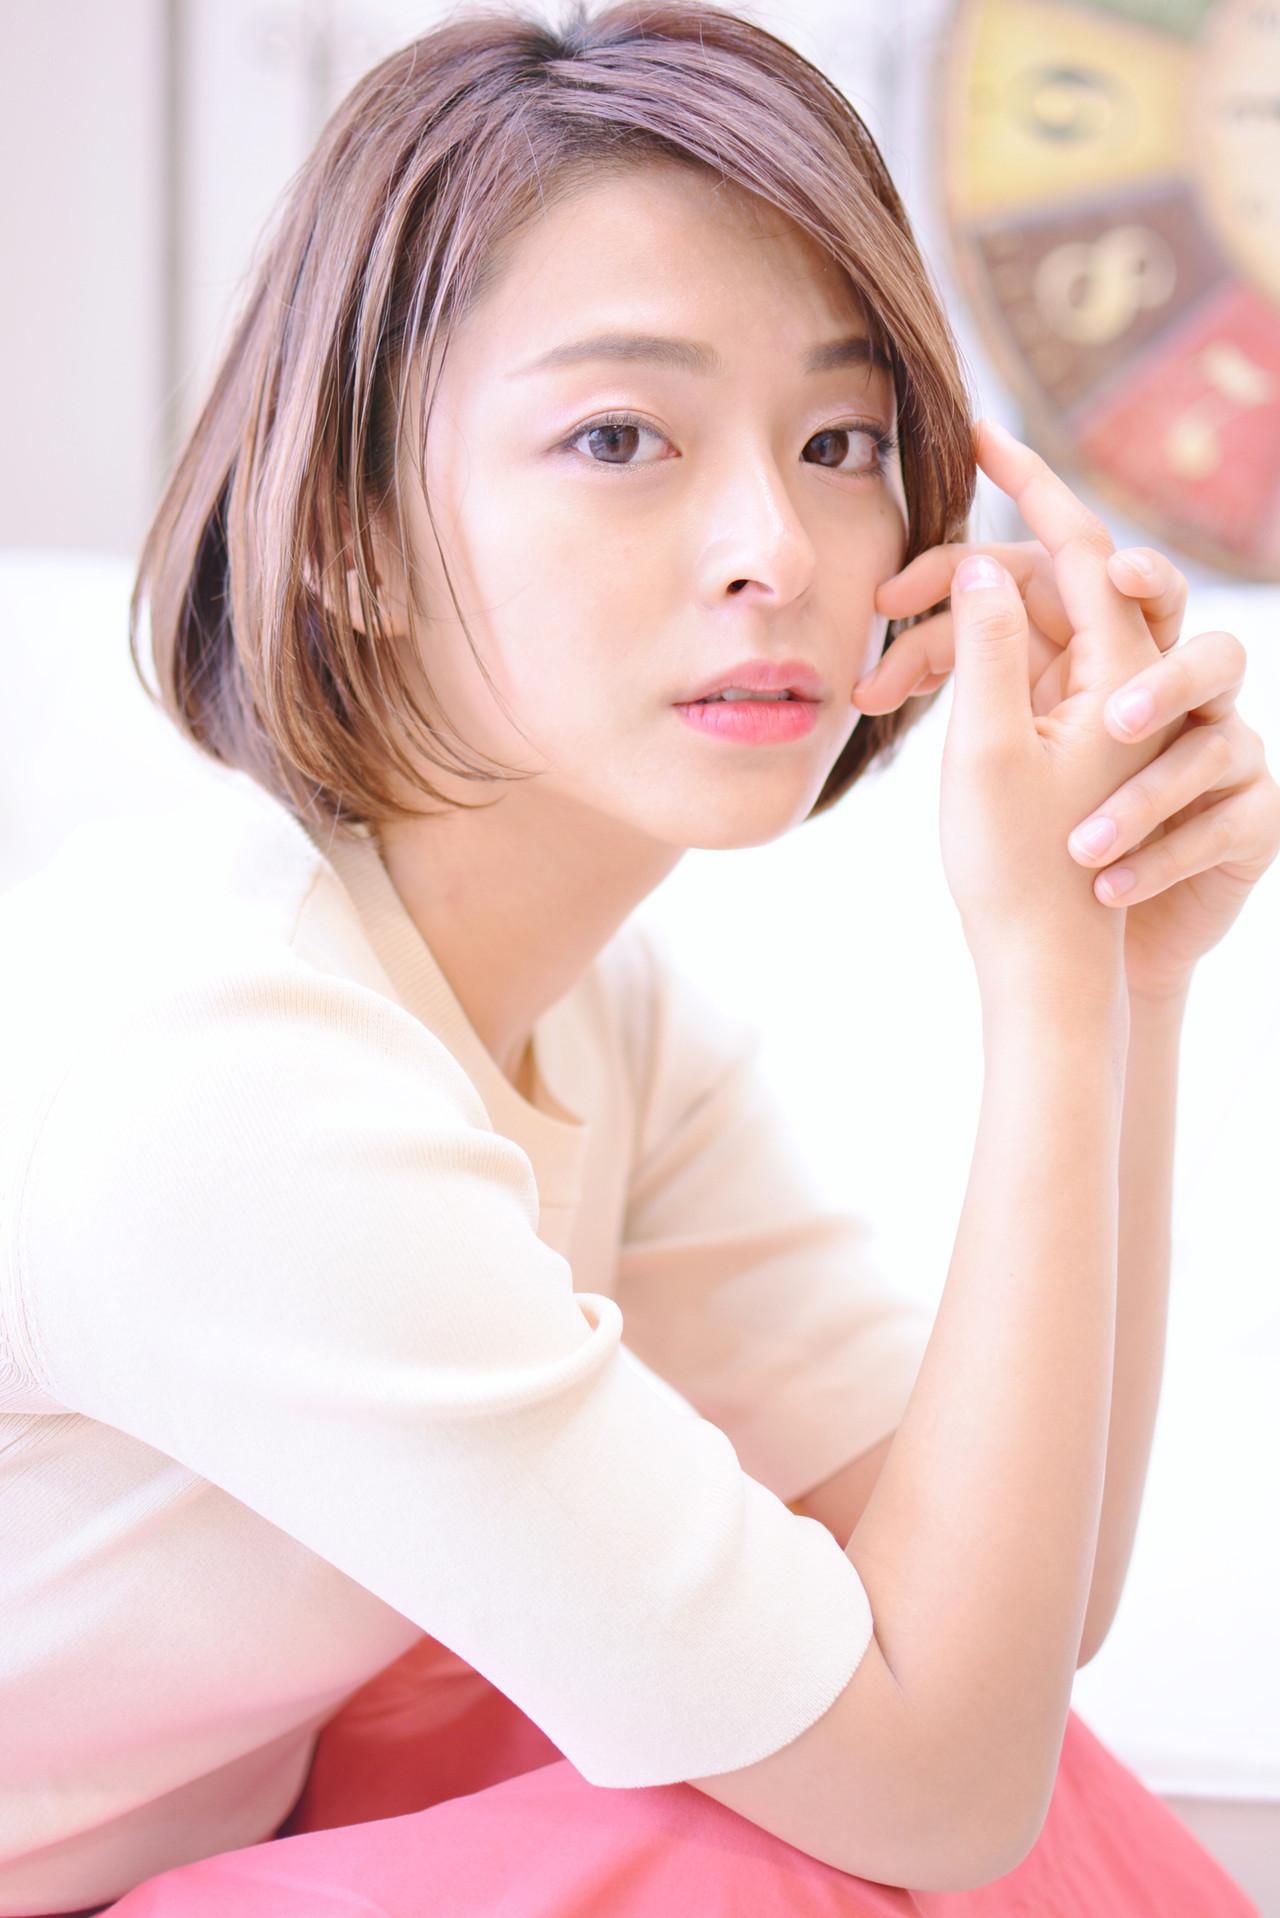 前髪なしワンカールショートボブで大人っぽく Shiko Kajiharaメイズ